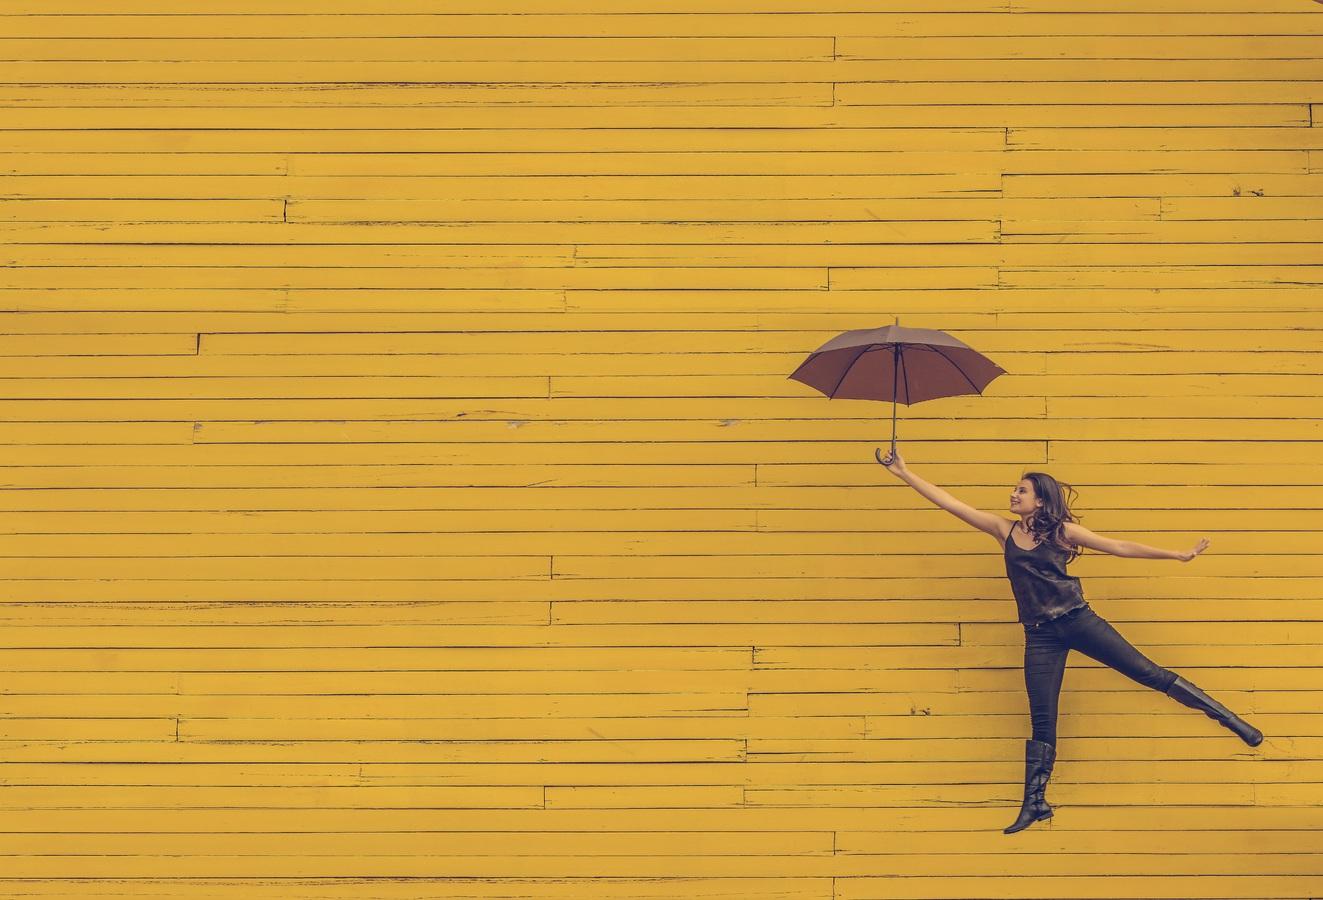 Clac vous sauve d'une vilaine pluie